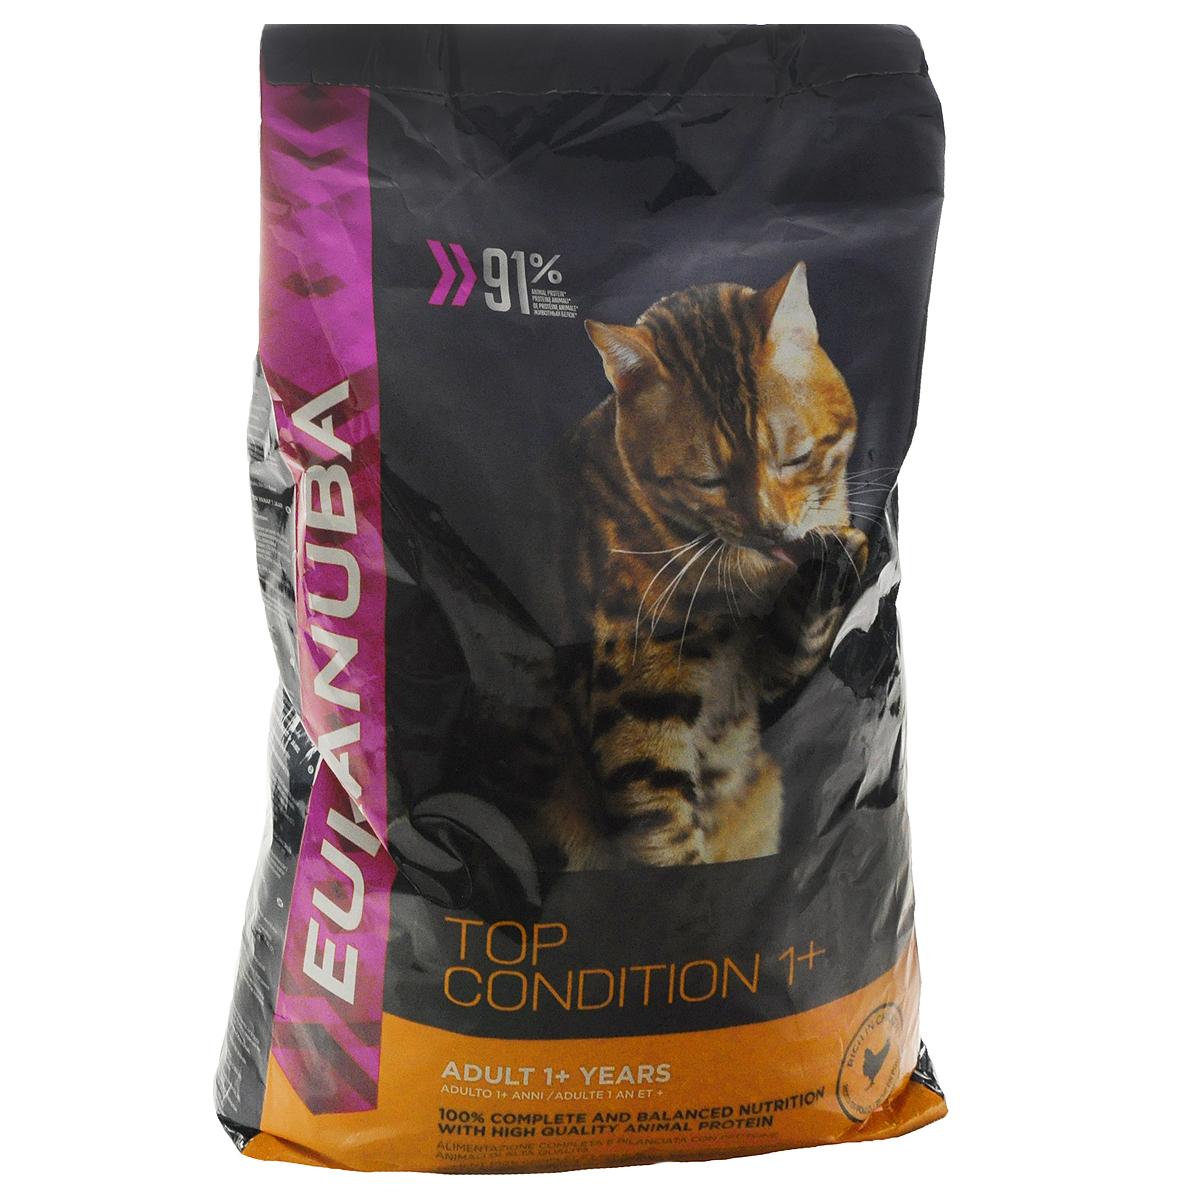 Корм сухой Eukanuba Top Condition для взрослых кошек, с курицей, 10 кг81061294Корм сухой Eukanuba Top Condition - полноценный сбалансированный корм для взрослых кошек с высококачественным животным белком. Не содержит искусственных консервантов и красителей. Корм обеспечивает здоровье по 6- ти ключевым признакам. 1. Надежная защита. Способствует поддержанию иммунной системы за счет антиоксидантов. 2. Оптимальное пищеварение. Способствует здоровой кишечной микрофлоре за счет пребиотиков и клетчатки. 3. Здоровье мочевыводящей системы. Призван обеспечить здоровье мочевыводящих путей. 4. Сильные мышцы. Белки животного происхождения способствуют росту и сохранению мышечной массы (87% животного белка от общего уровня белка). 5. Кожа и шерсть. Способствует развитию здоровой кожи и блестящей шерсти благодаря входящему в состав рыбьему жиру и оптимальному соотношению Омега-6 и Омега-3 жирных кислот. 6. Зубы. Поддерживает здоровье зубов. Состав: сушеное мясо курицы и индейки 43% (куриное мясо: 25%,...